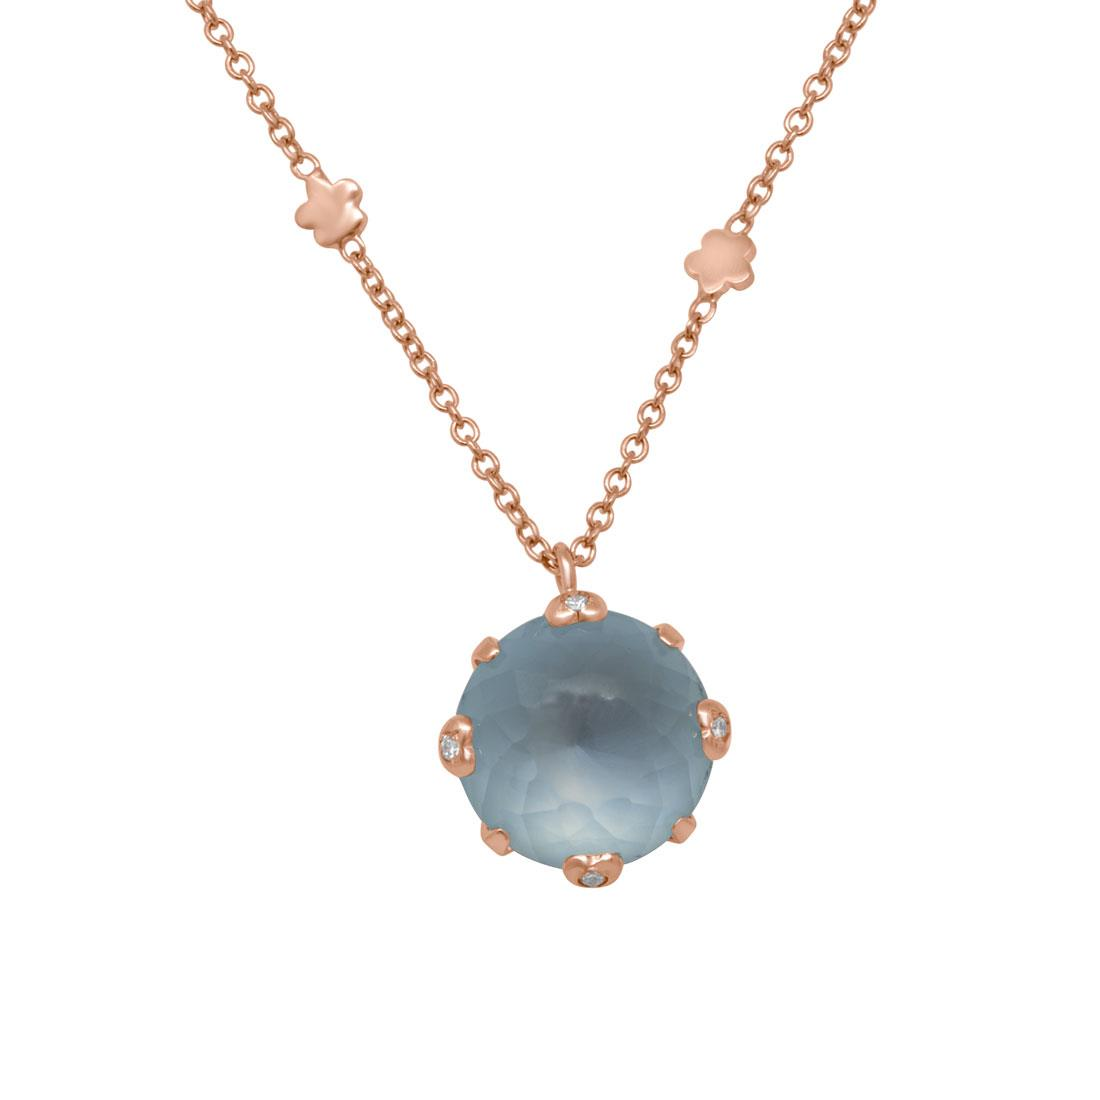 Collana in oro rosso con diamanti e pietra semipreziosa - PASQUALE BRUNI